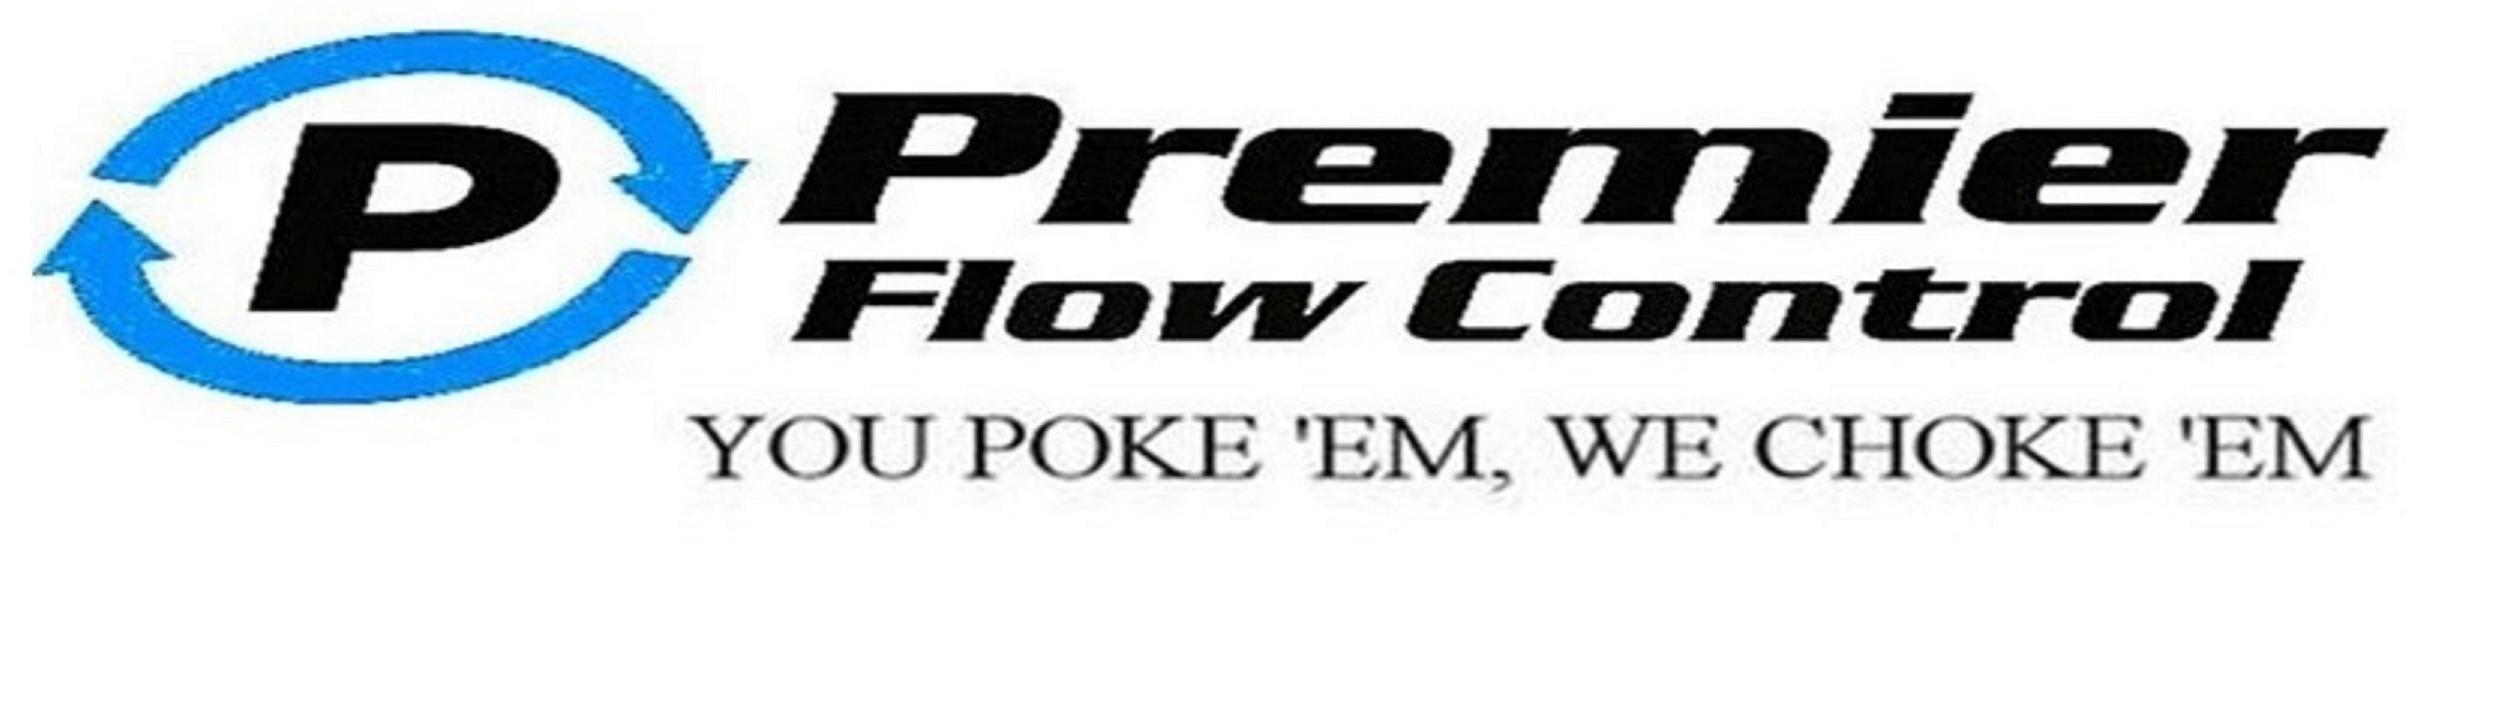 Premier Flow Control